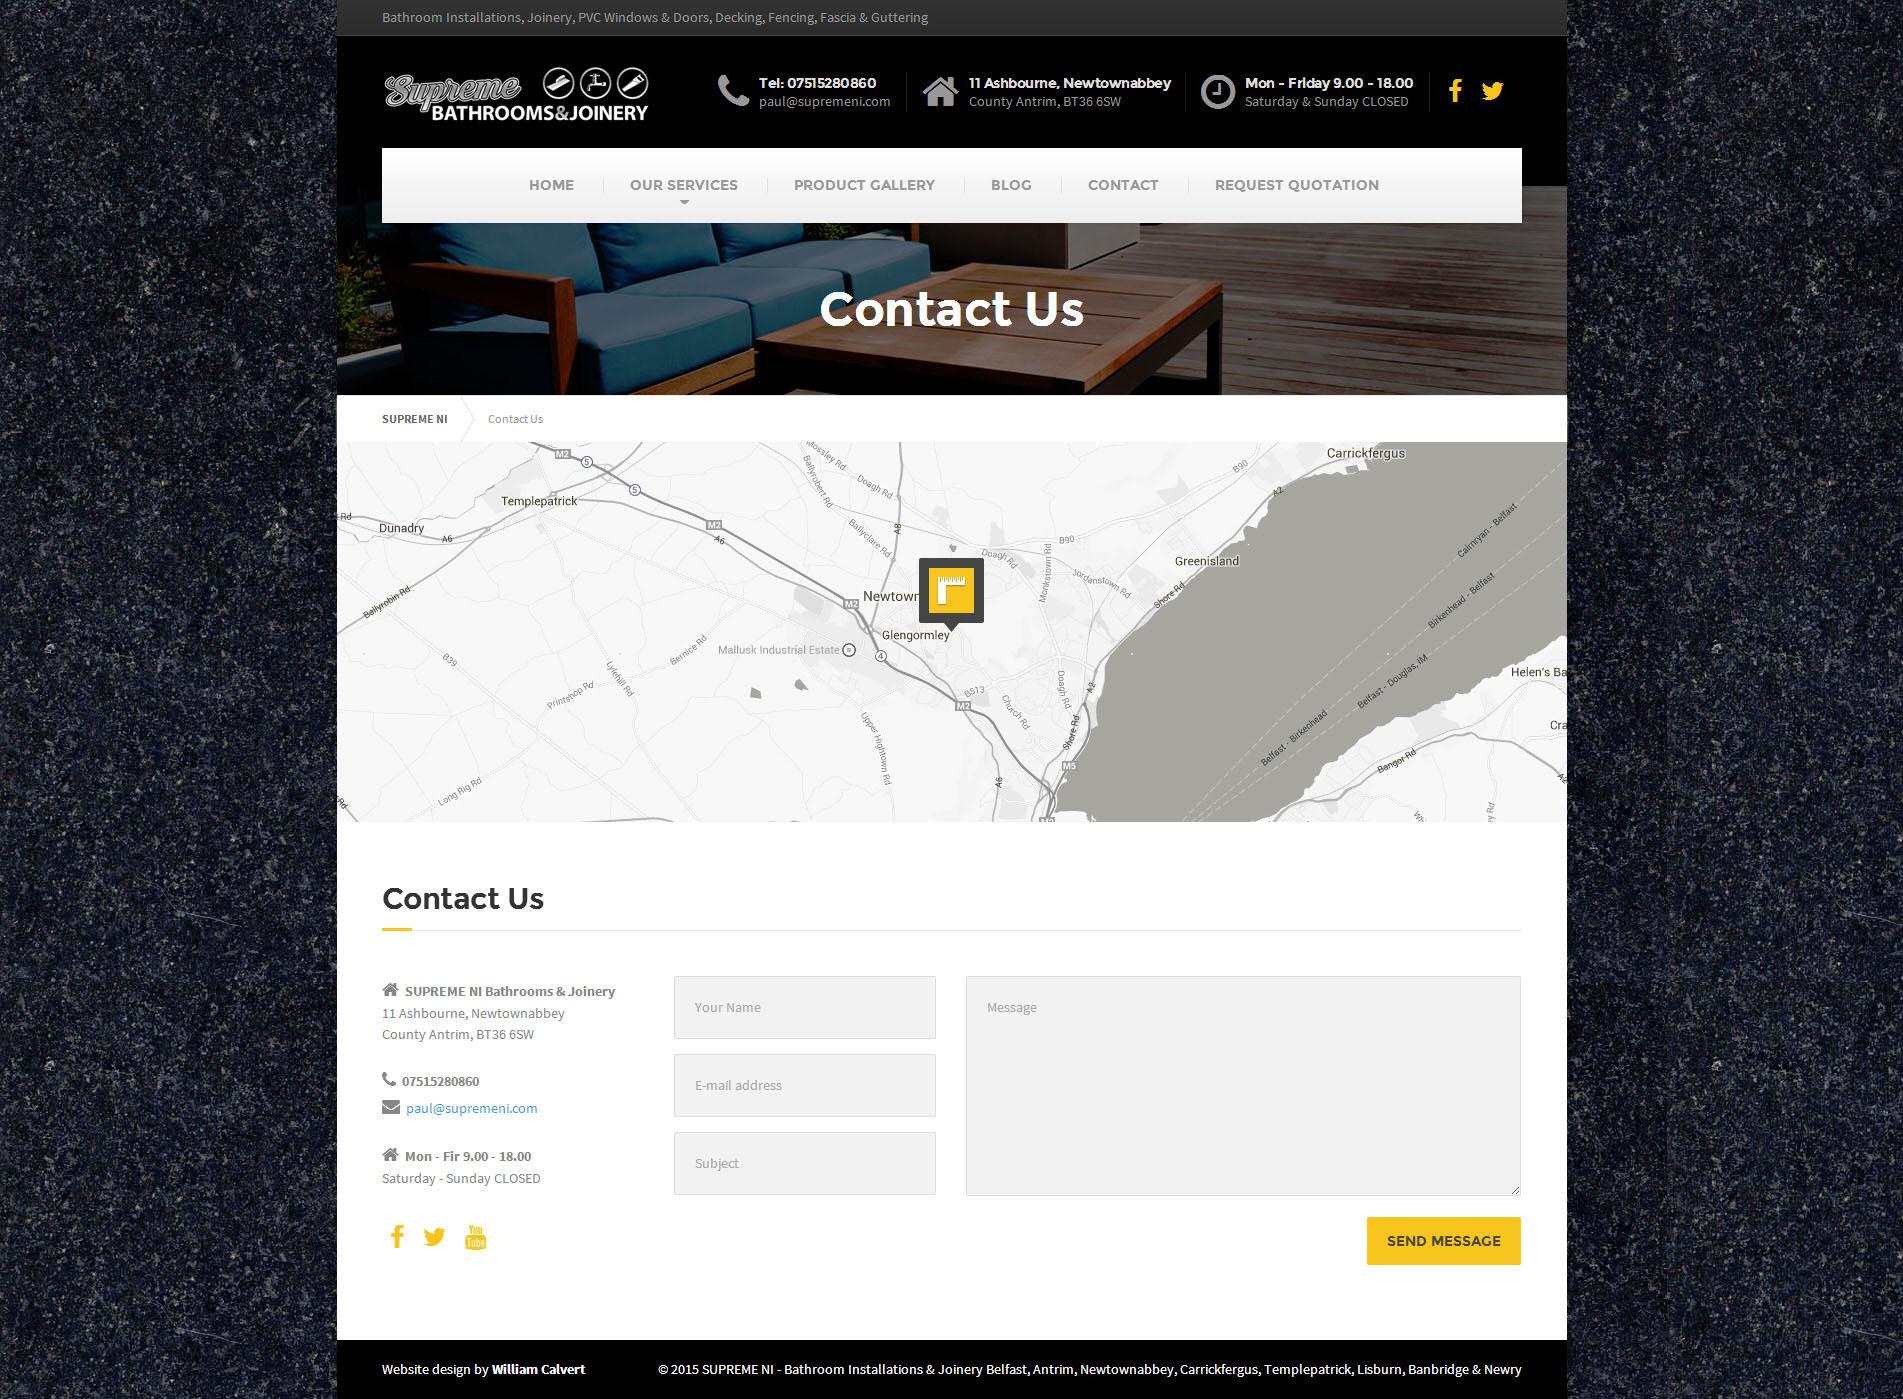 Contact Page - Supreme NI